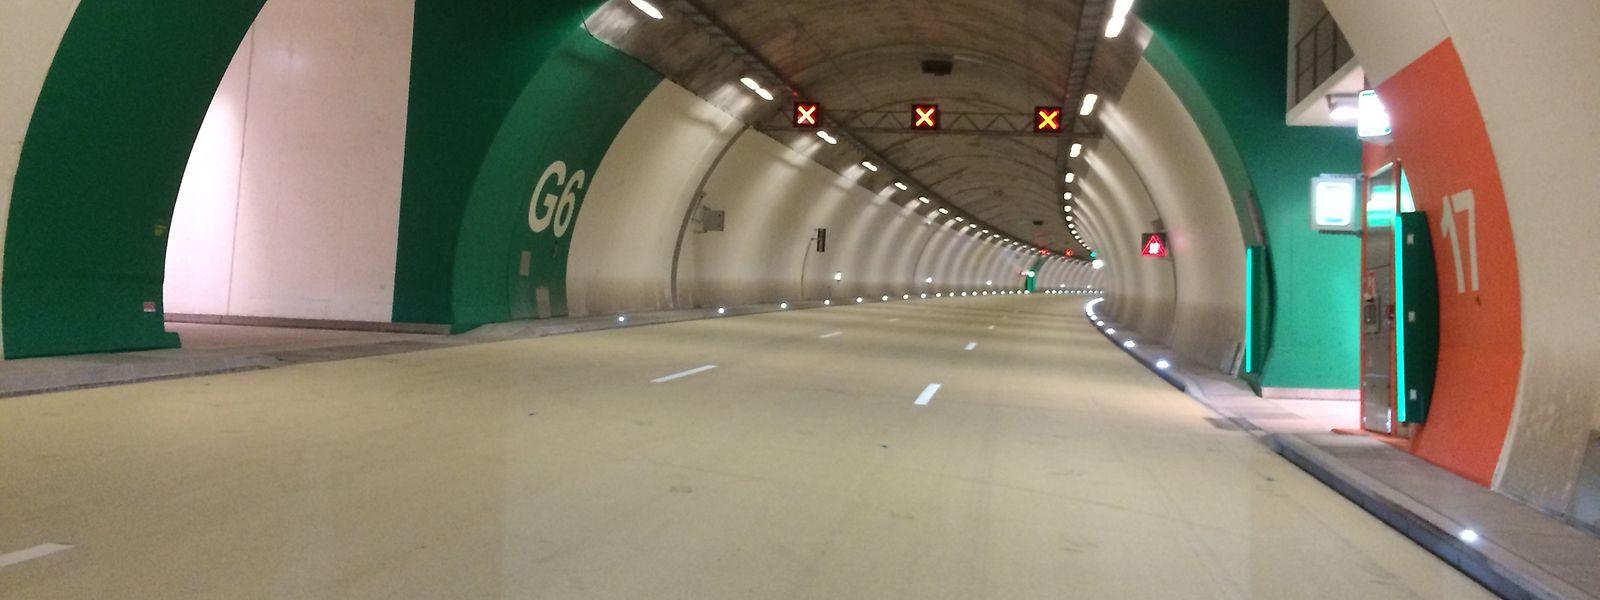 Der Schall eilt ihm voraus: Als William M. mit seinem Sportwagen mit mehr als 170 km/h durch den Autobahntunnel Grouft rast, können die Polizisten ihn schon von Weitem hören.